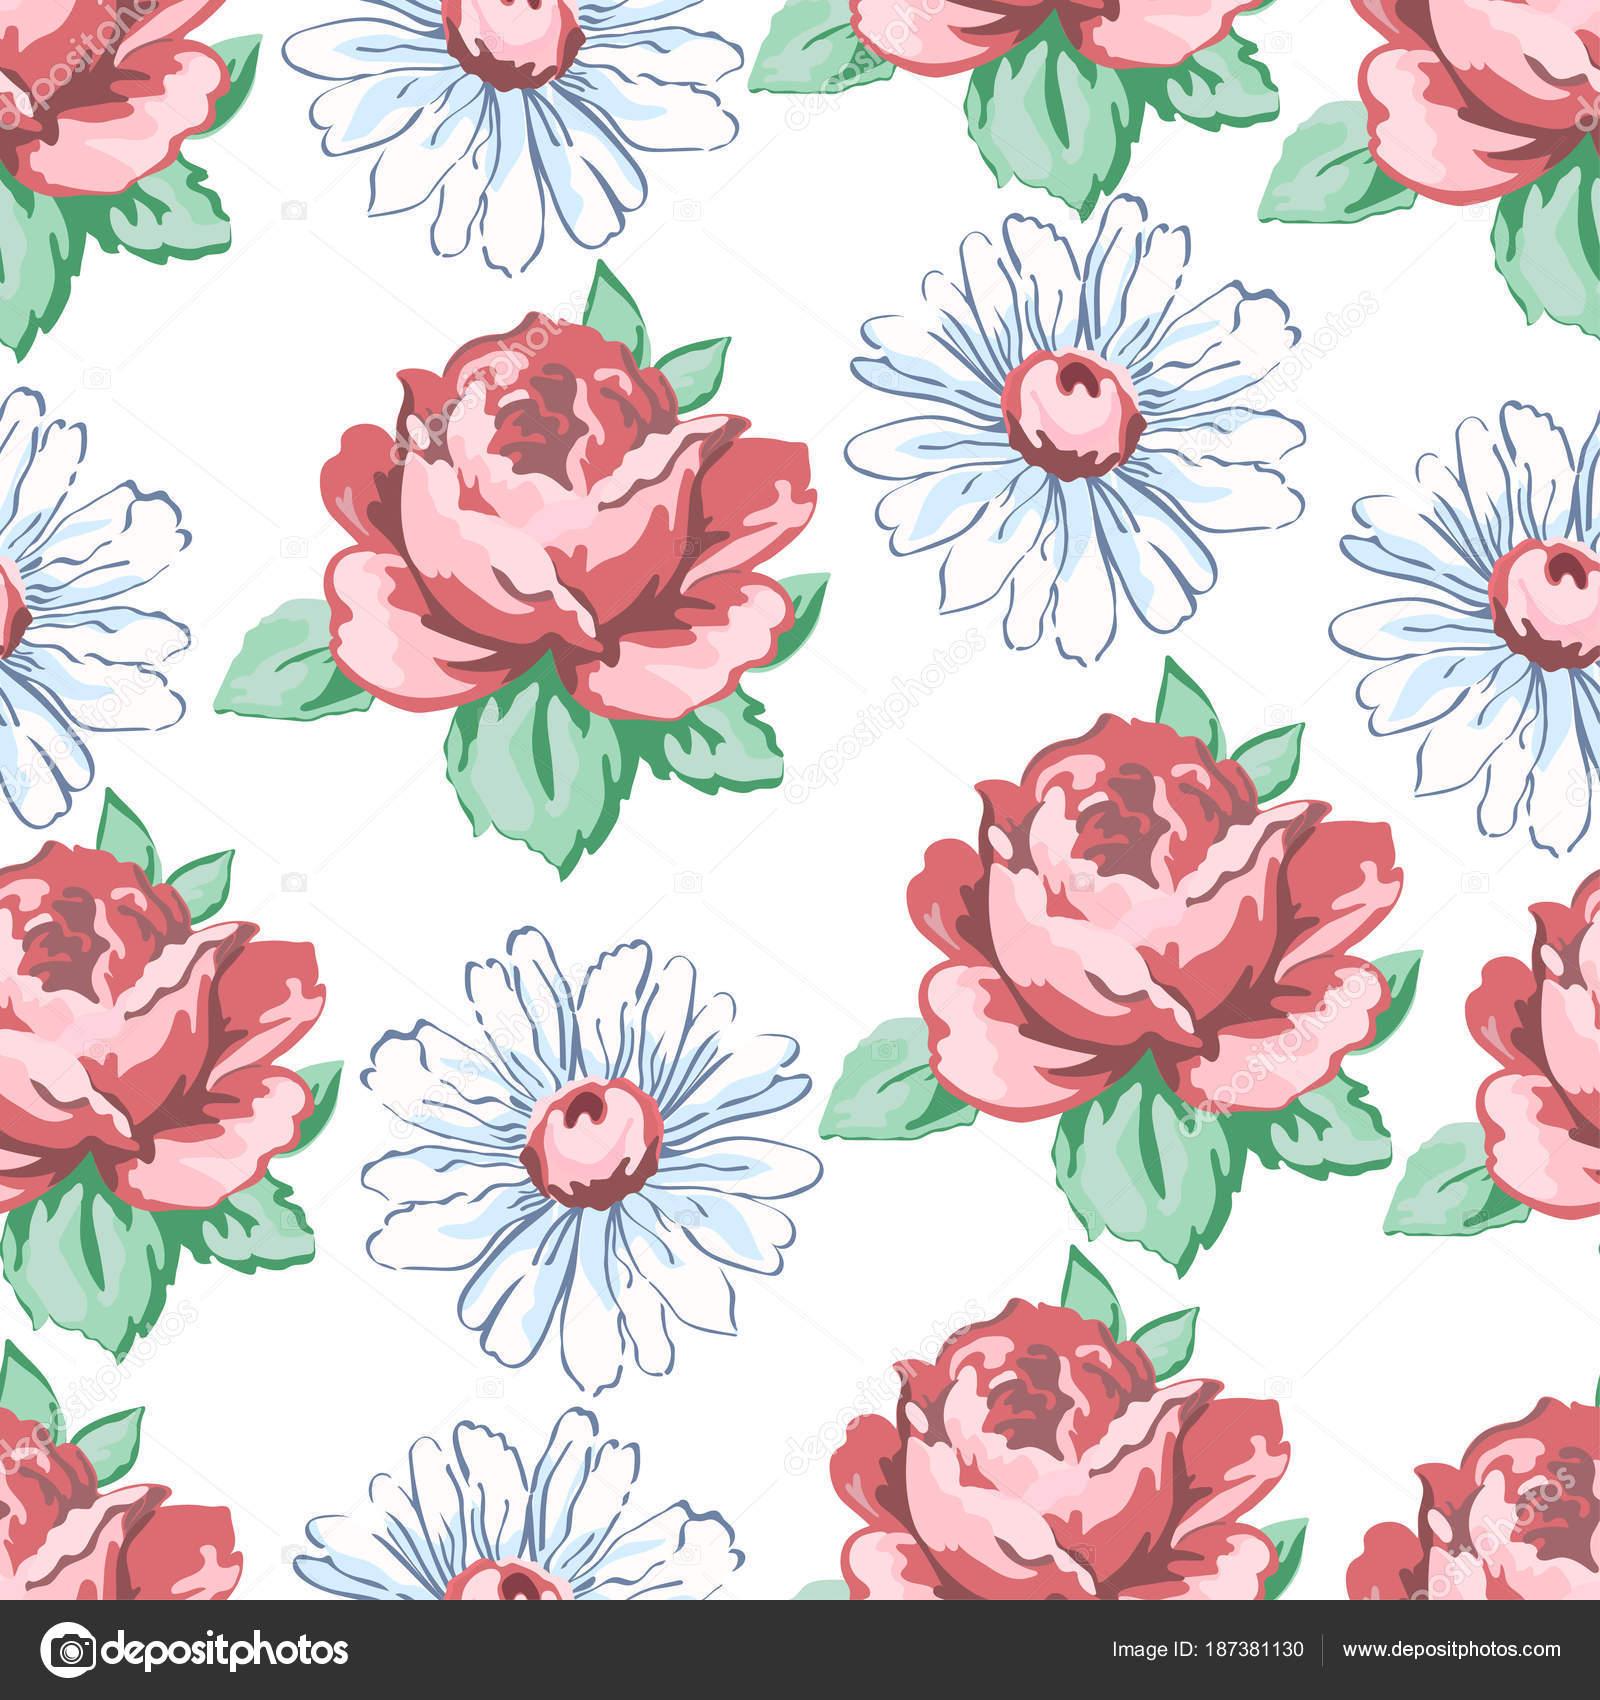 Dibujos: florales para bordar a mano | Mano dibujo de patrones sin ...